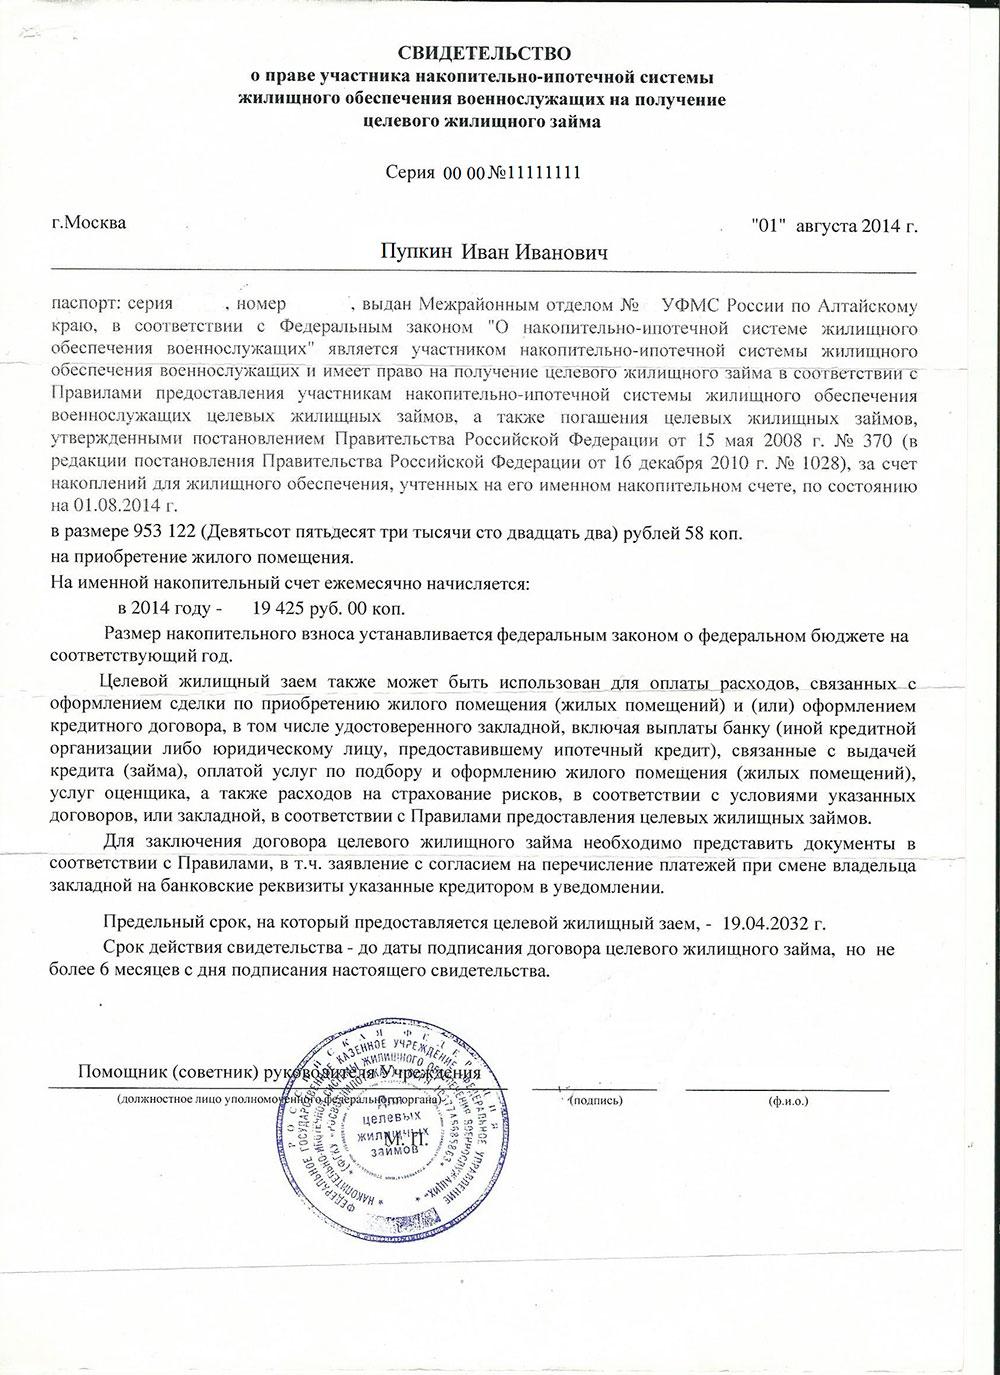 Как узнать проверка готовности гражданства рф в перми